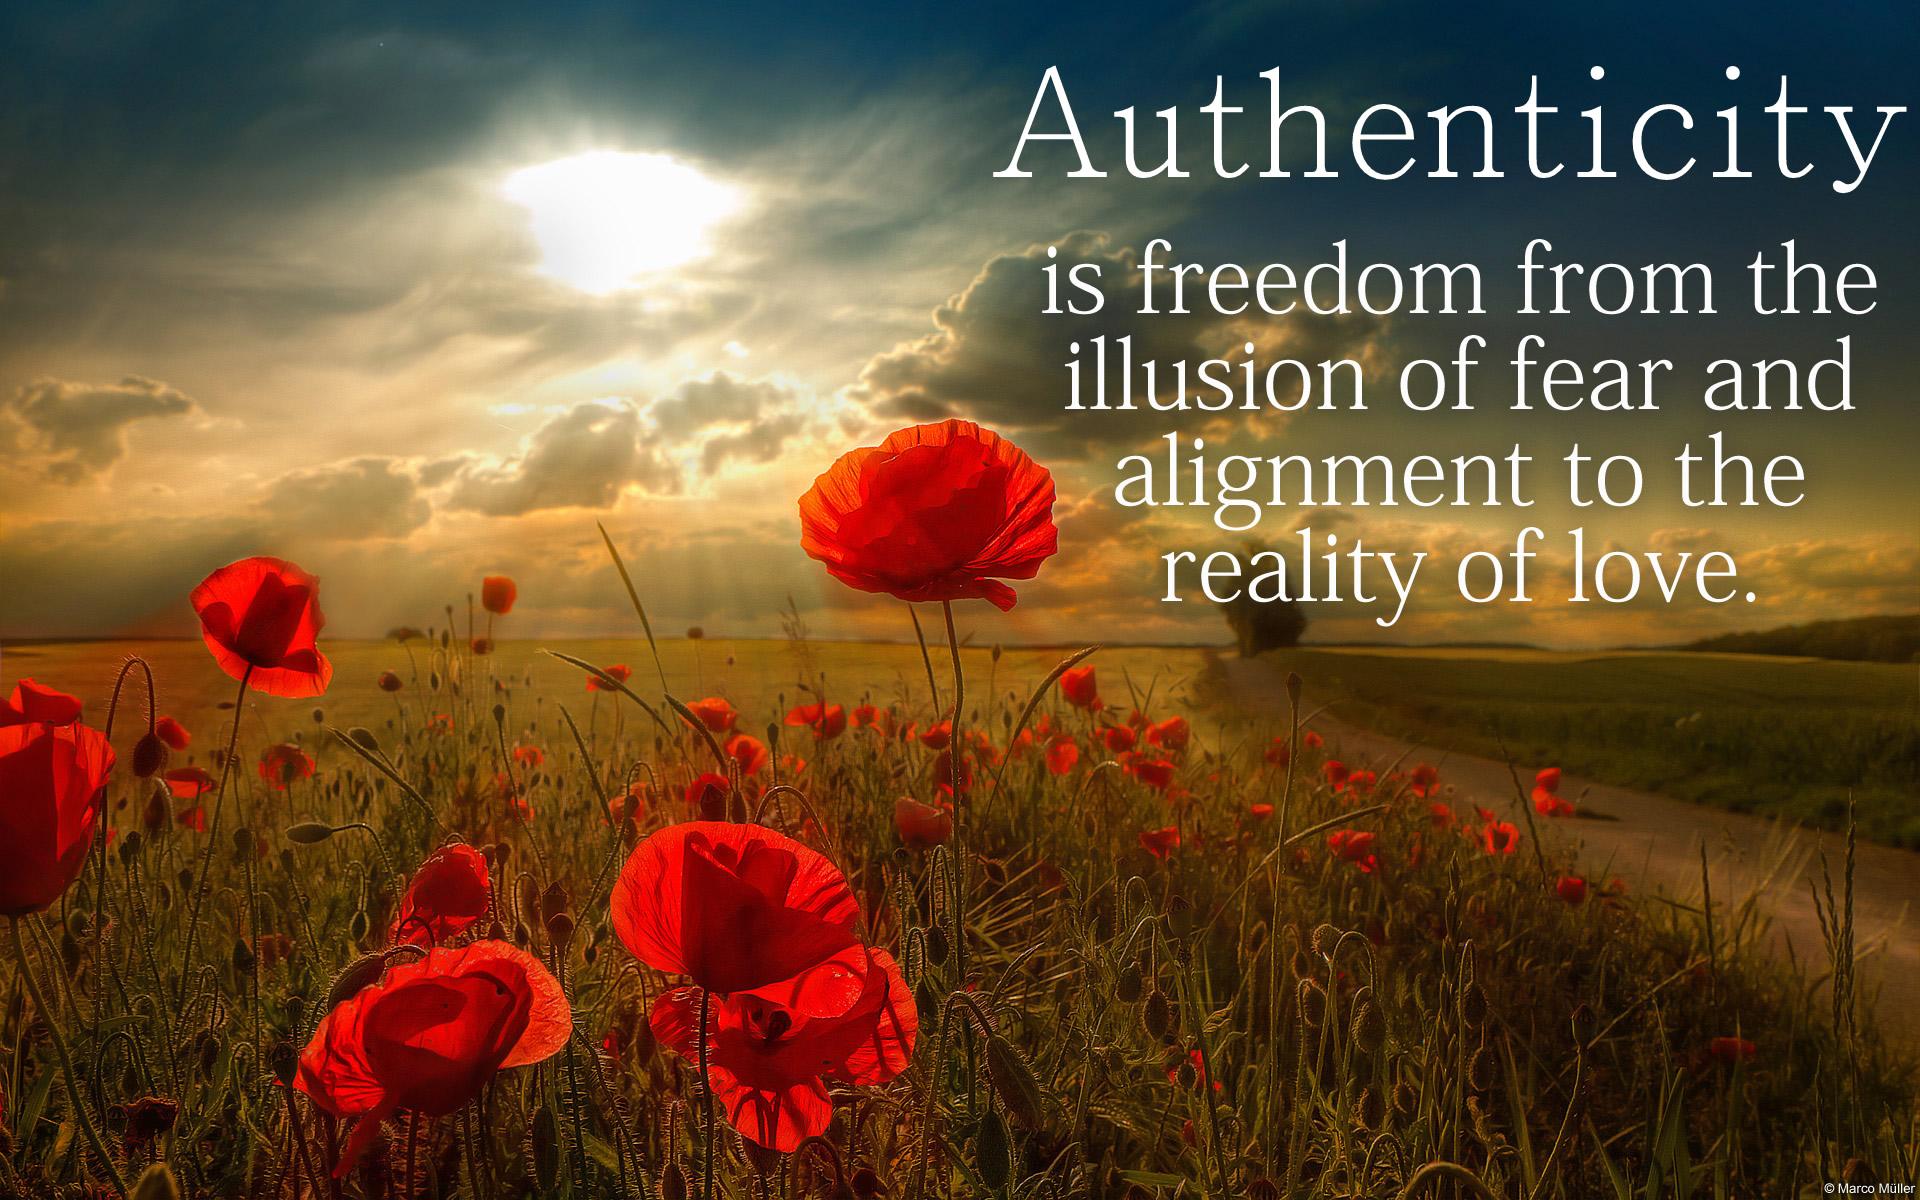 Автентичността е освобожение от илюзията на страха и присъединяване към реалността от Любов!